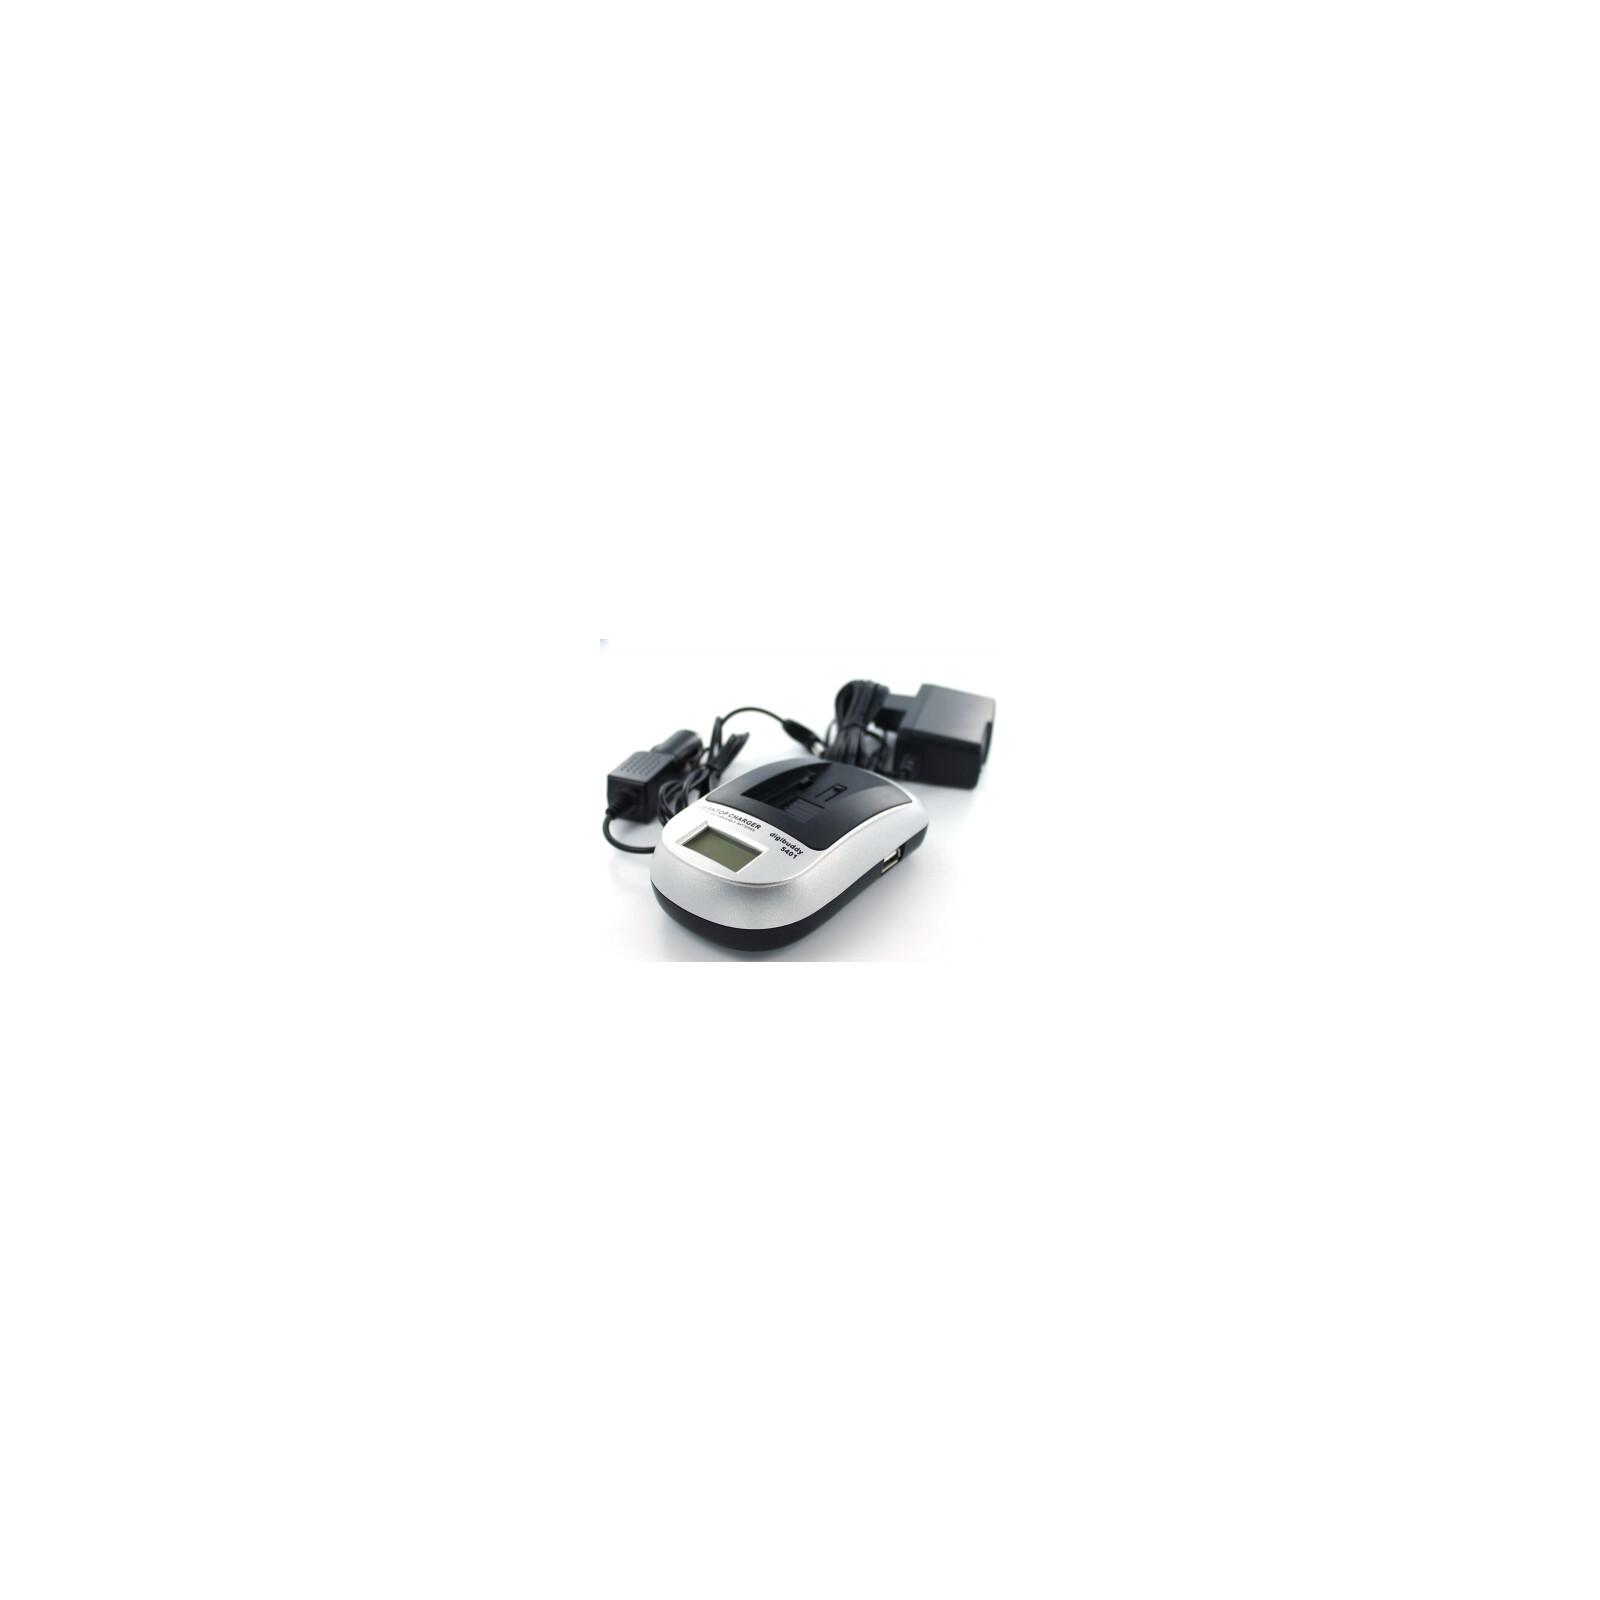 AGI 99021 Ladegerät Panasonic HDC-SD66